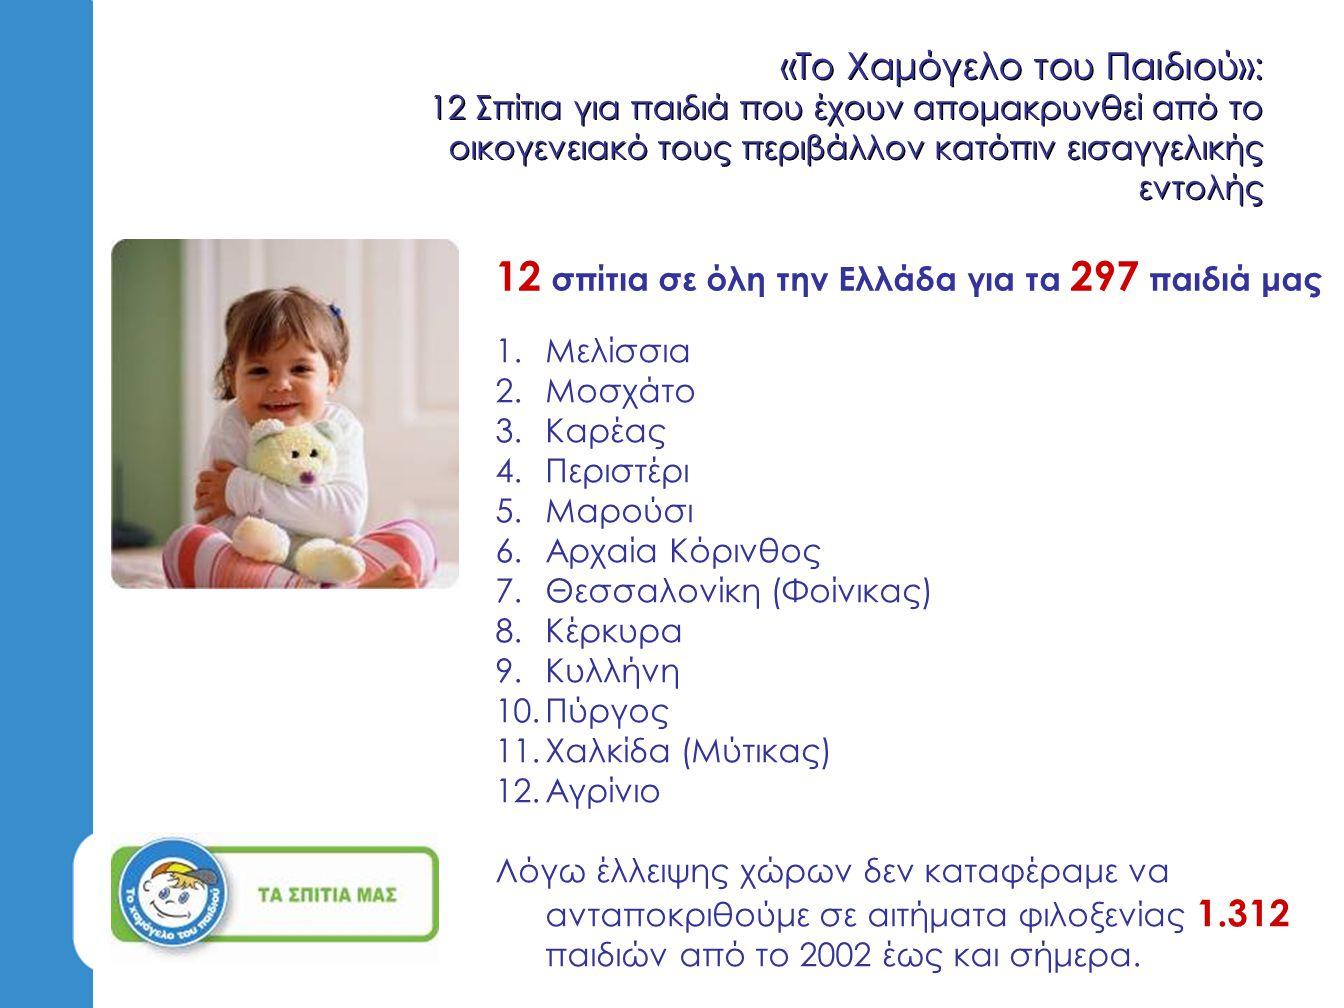 12 σπίτια σε όλη την Ελλάδα για τα 297 παιδιά μας